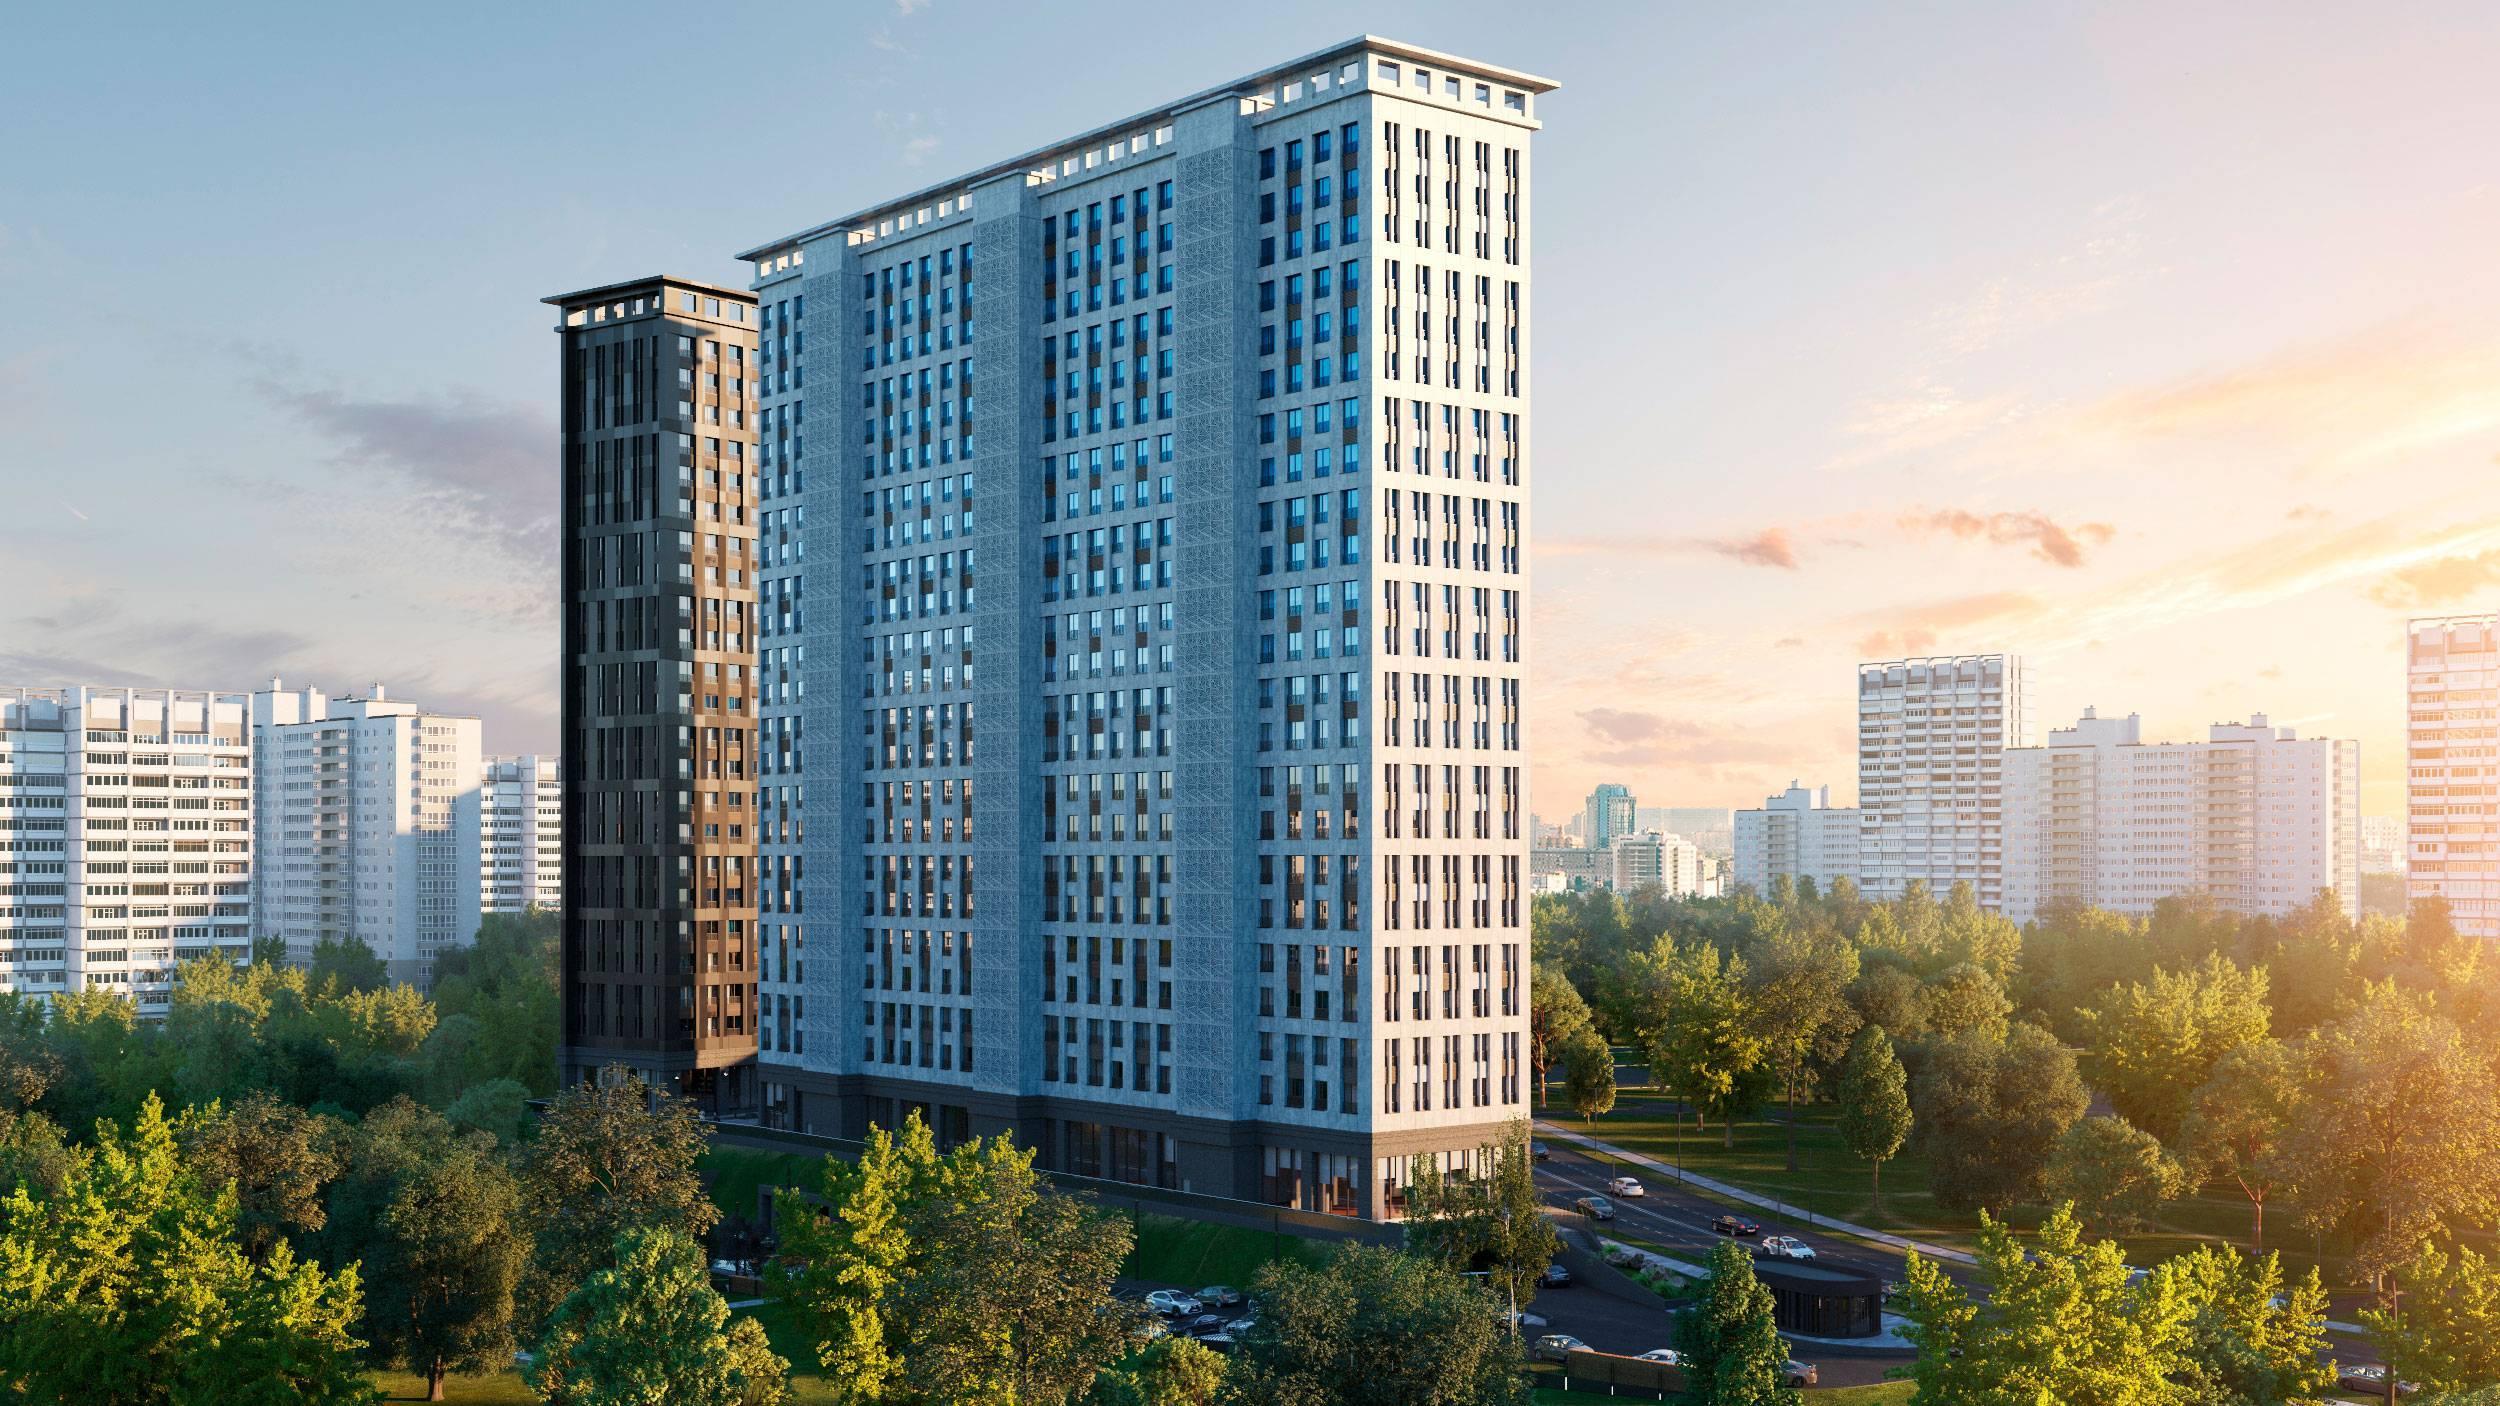 В доме бизнес-класса Shome теперь можно забронировать квартиру до 15 июля, а также воспользоваться программой субсидируемой ипотеки